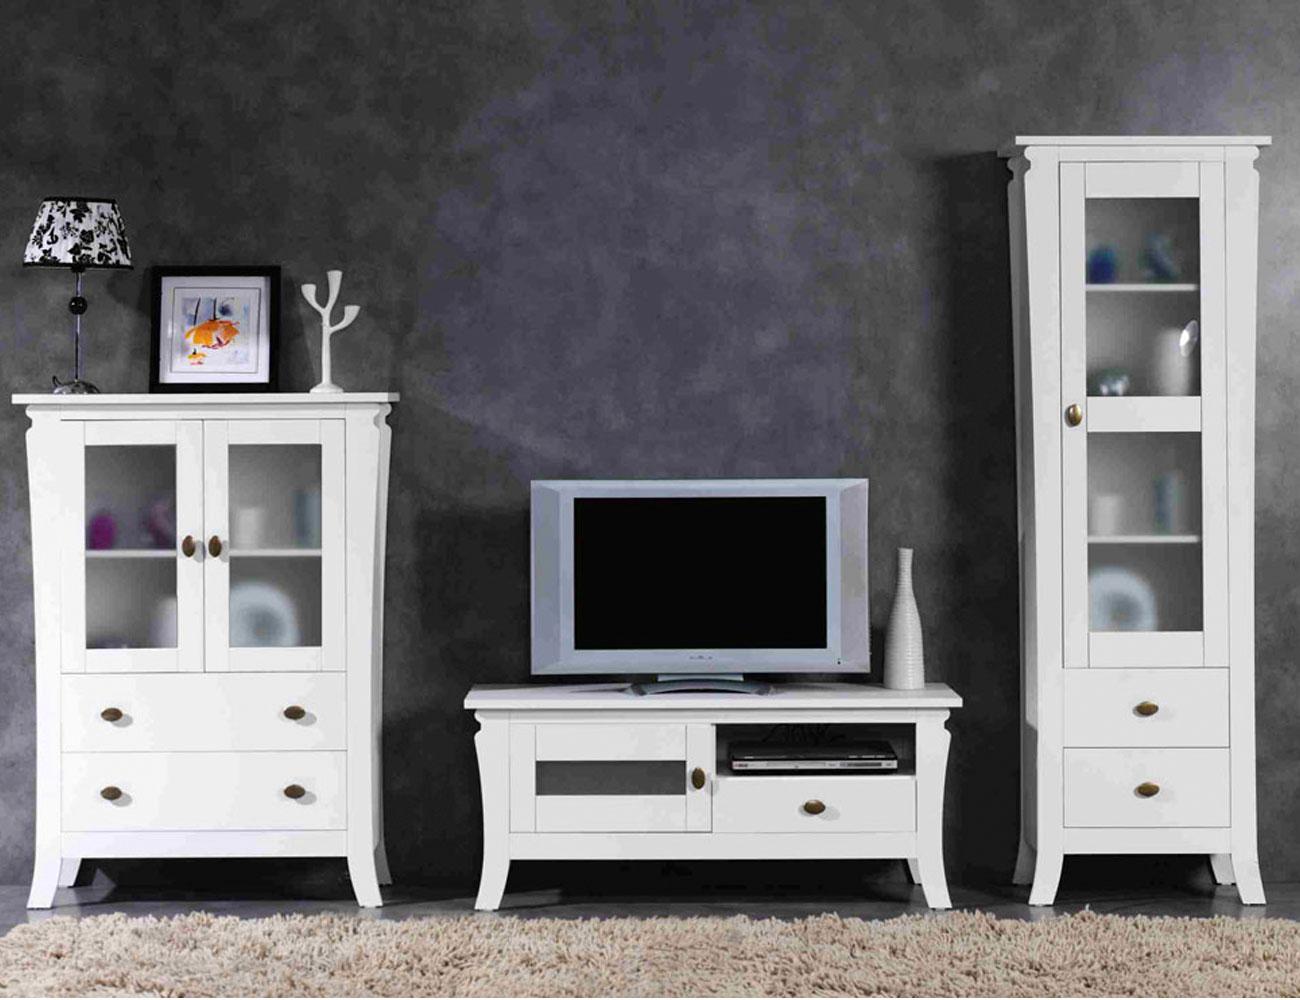 Muebles de matrimonio de estilo neocl sico con patas - Muebles comedor blancos ...